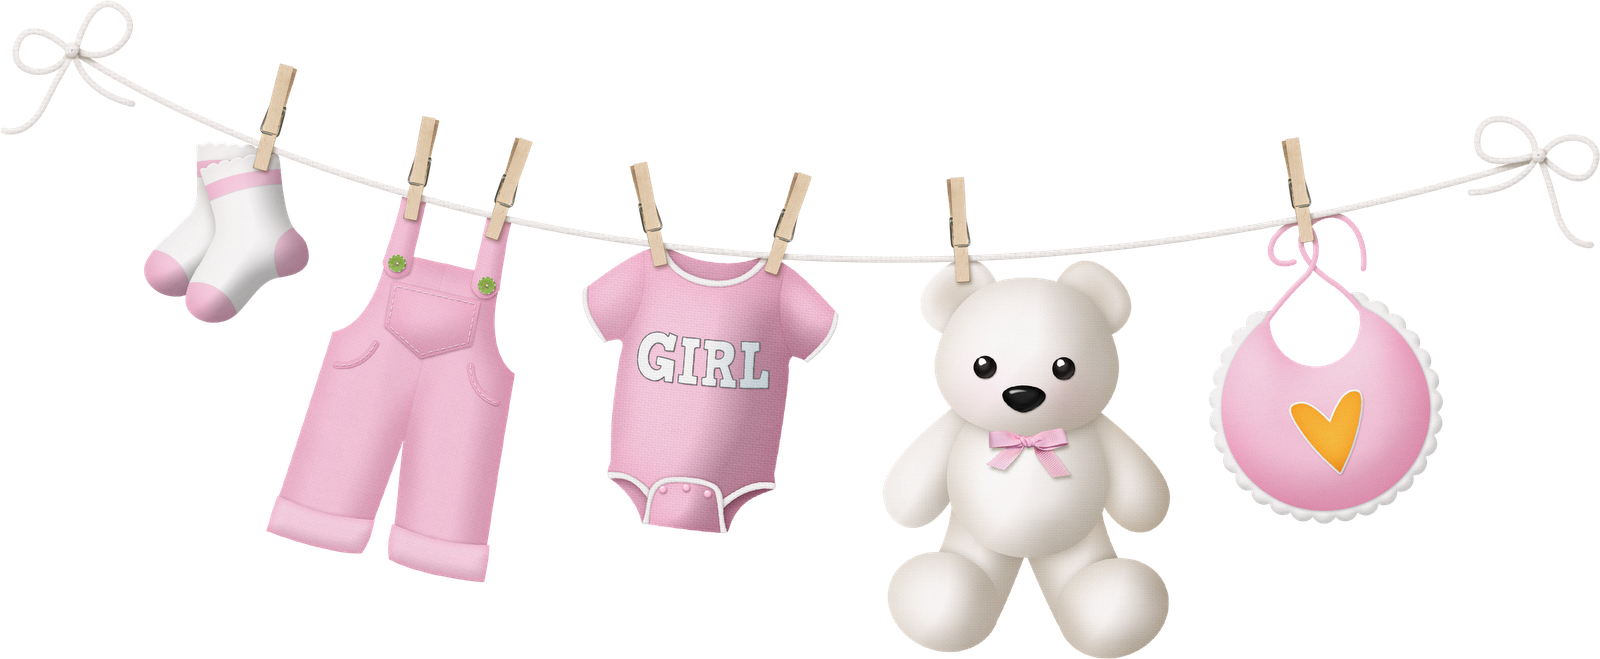 Atelie Tititi: Chá de Bebê